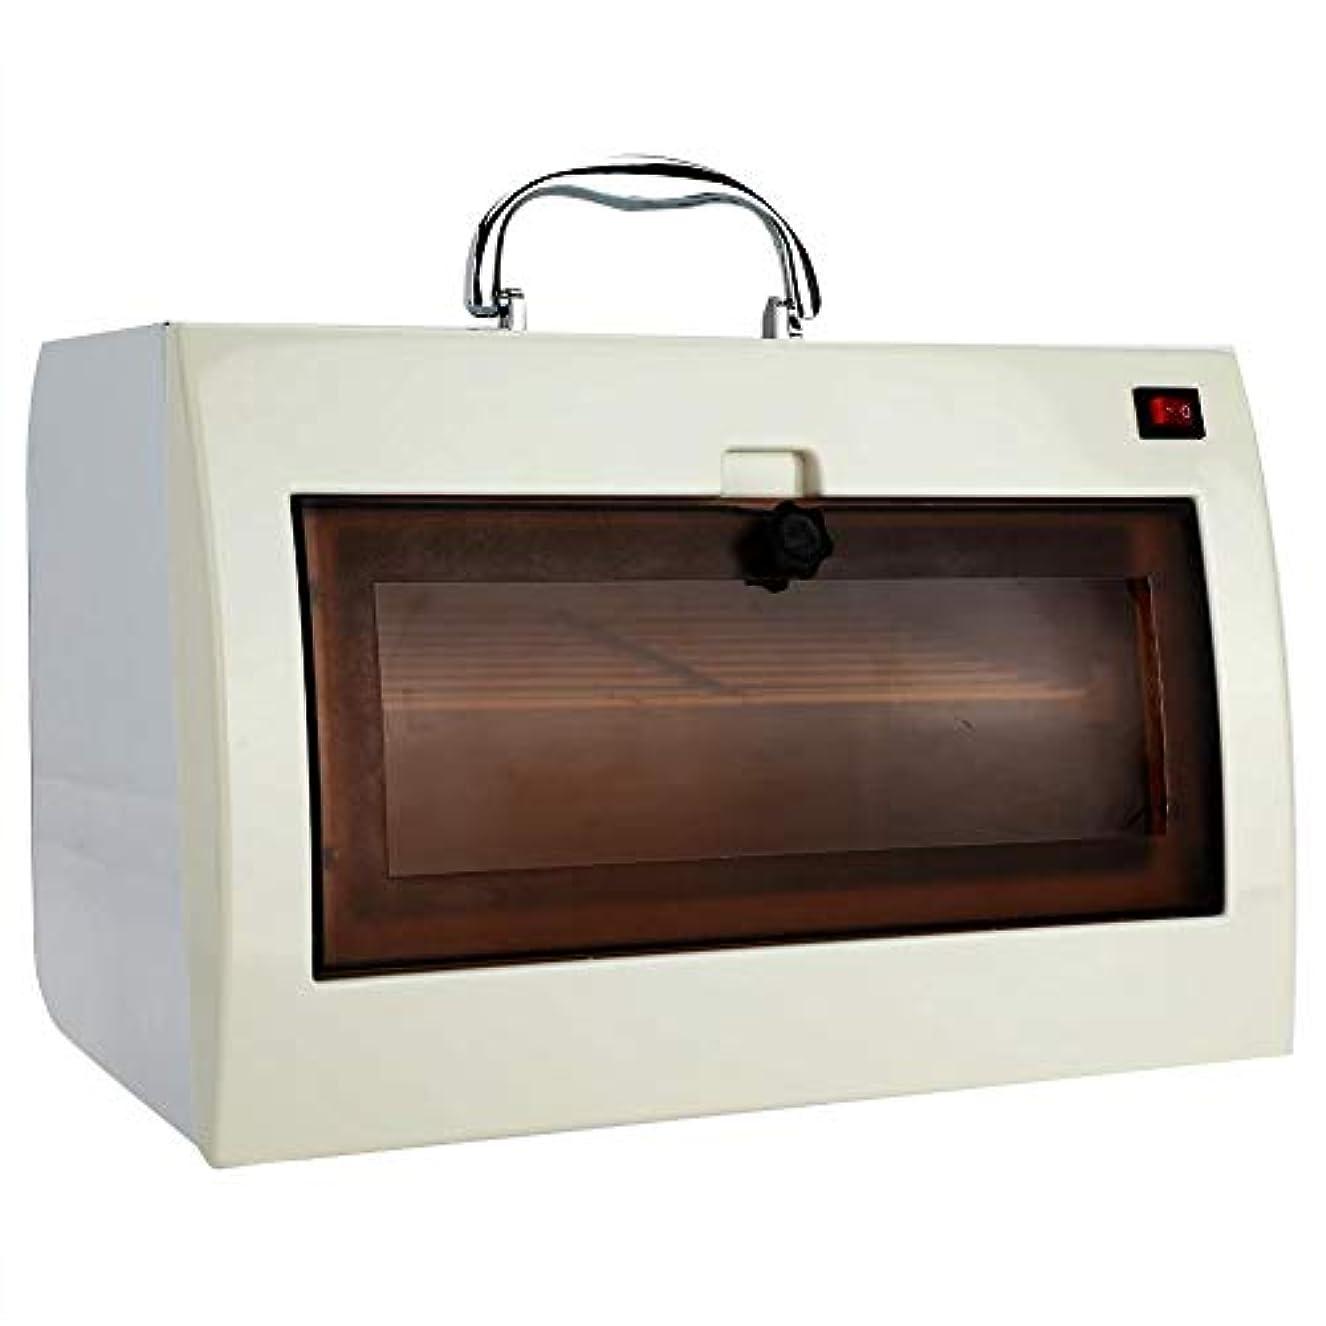 部分的に路面電車前兆タオルウォーマー 消毒ボックス UV オゾン滅菌キャビネット ネイルツール用 タオルおよびホットハサミ用美容滅菌装置美容院 (1)